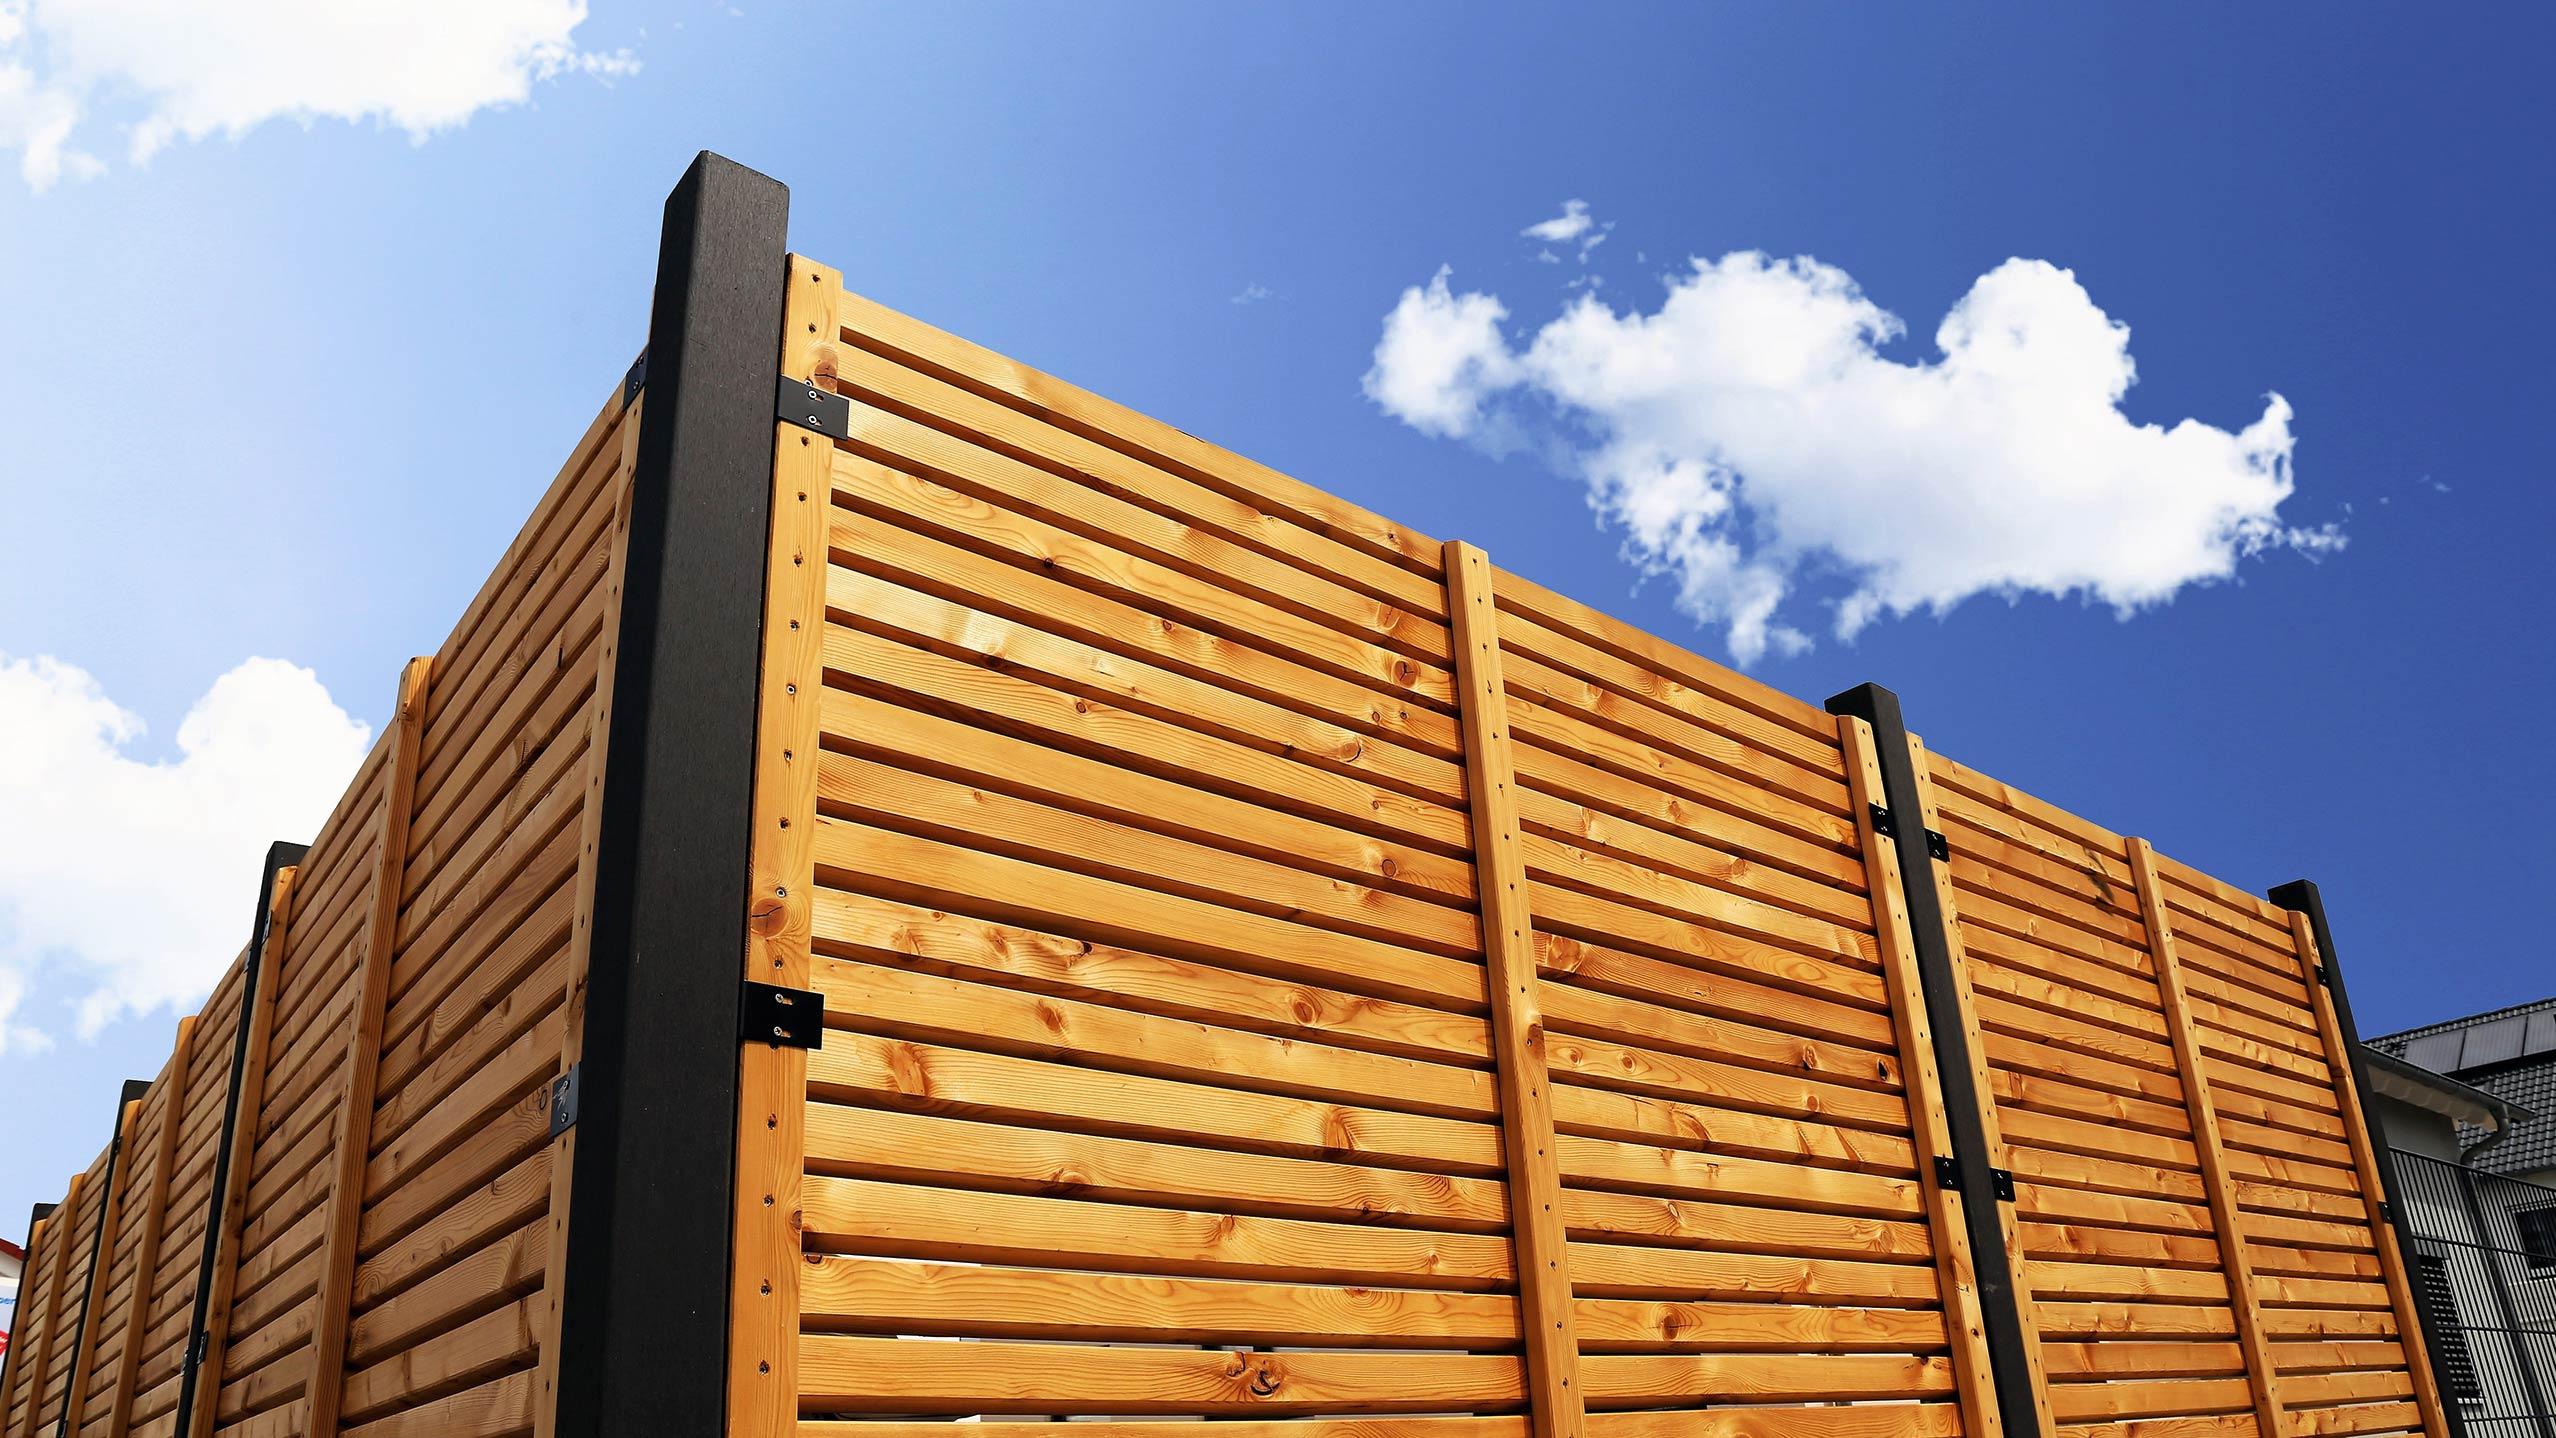 Full Size of Sichtschutzzune Holz Pirner Gmbh Pommelsbrunn Spielgeräte Garten Beistelltisch Relaxsessel Lounge Möbel Sauna Sonnensegel Massivholz Betten Regale Und Garten Sichtschutz Garten Holz